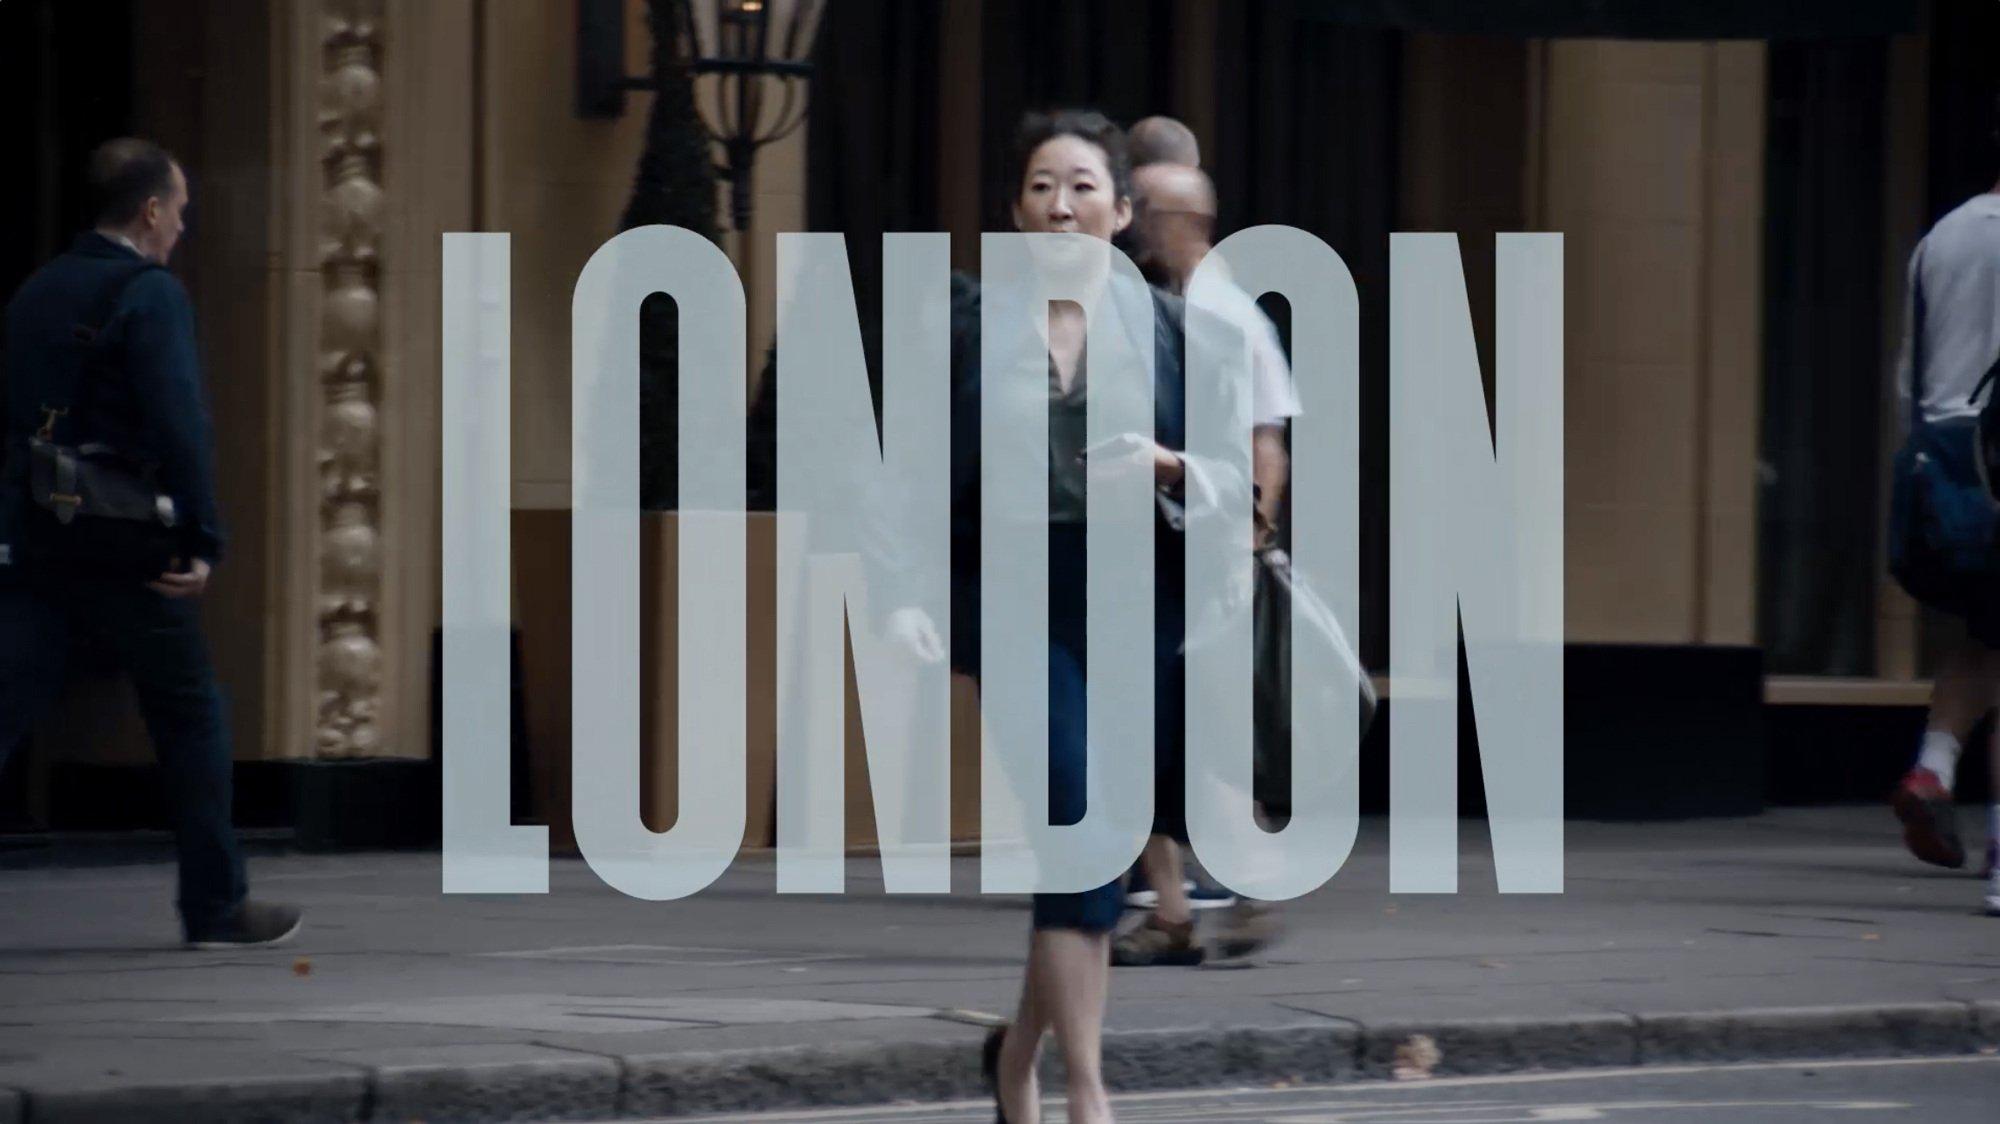 KE LONDON